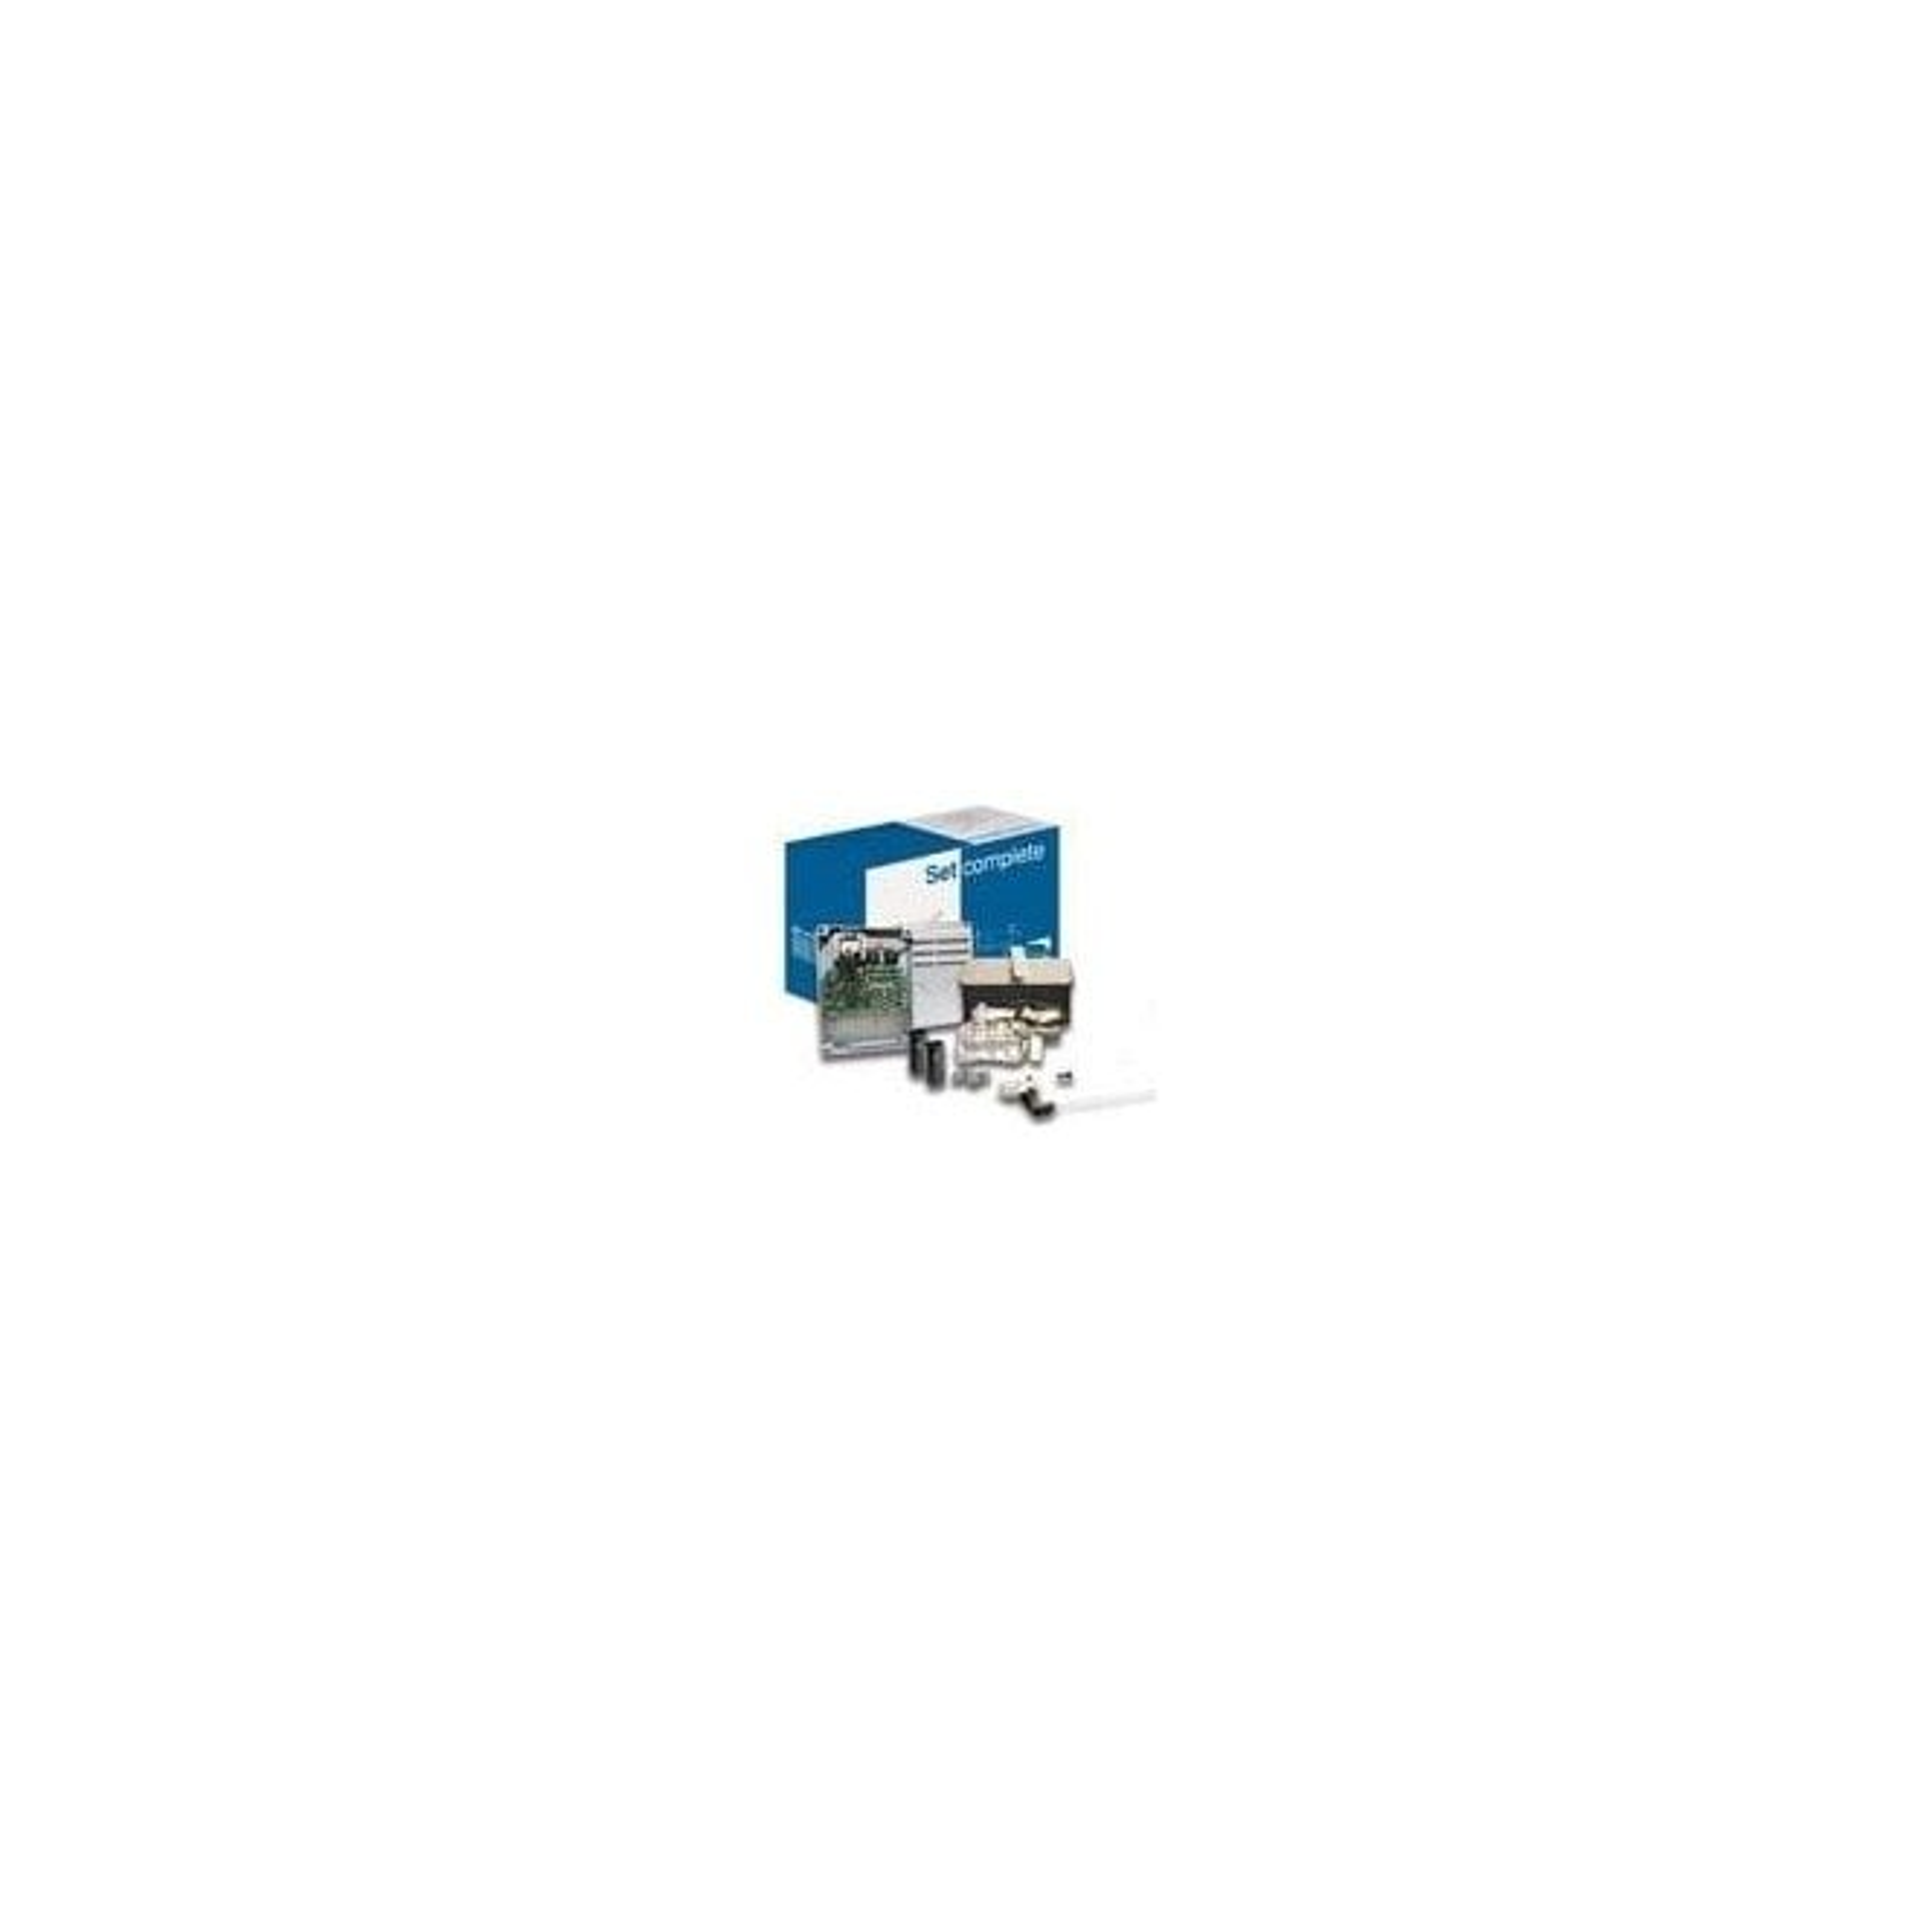 CAME FrogAE-S Electro Mechanical underground operator single kit